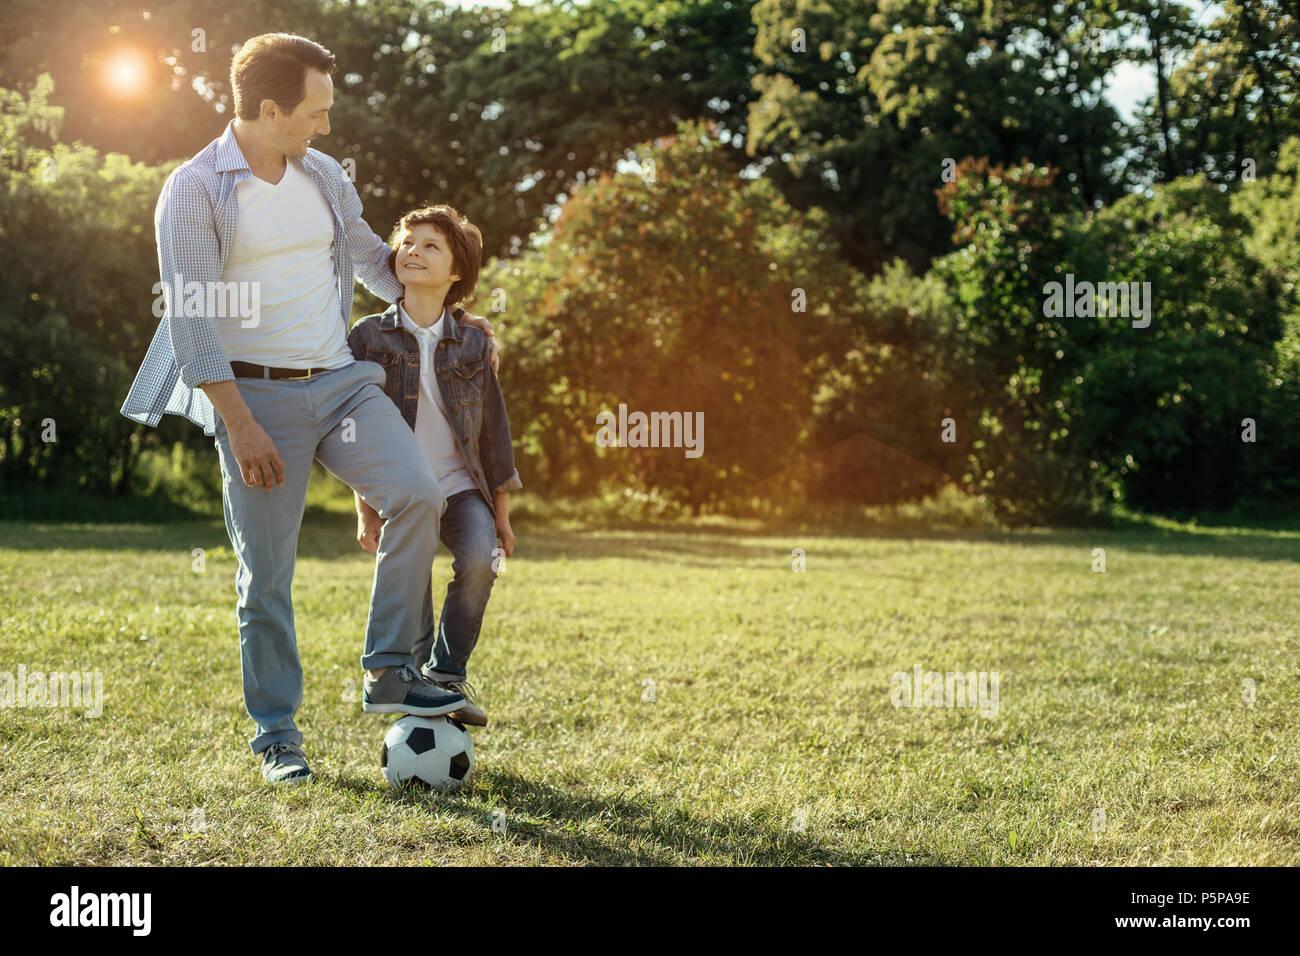 Papá y el muchacho descansar mientras jugaba al fútbol Imagen De Stock